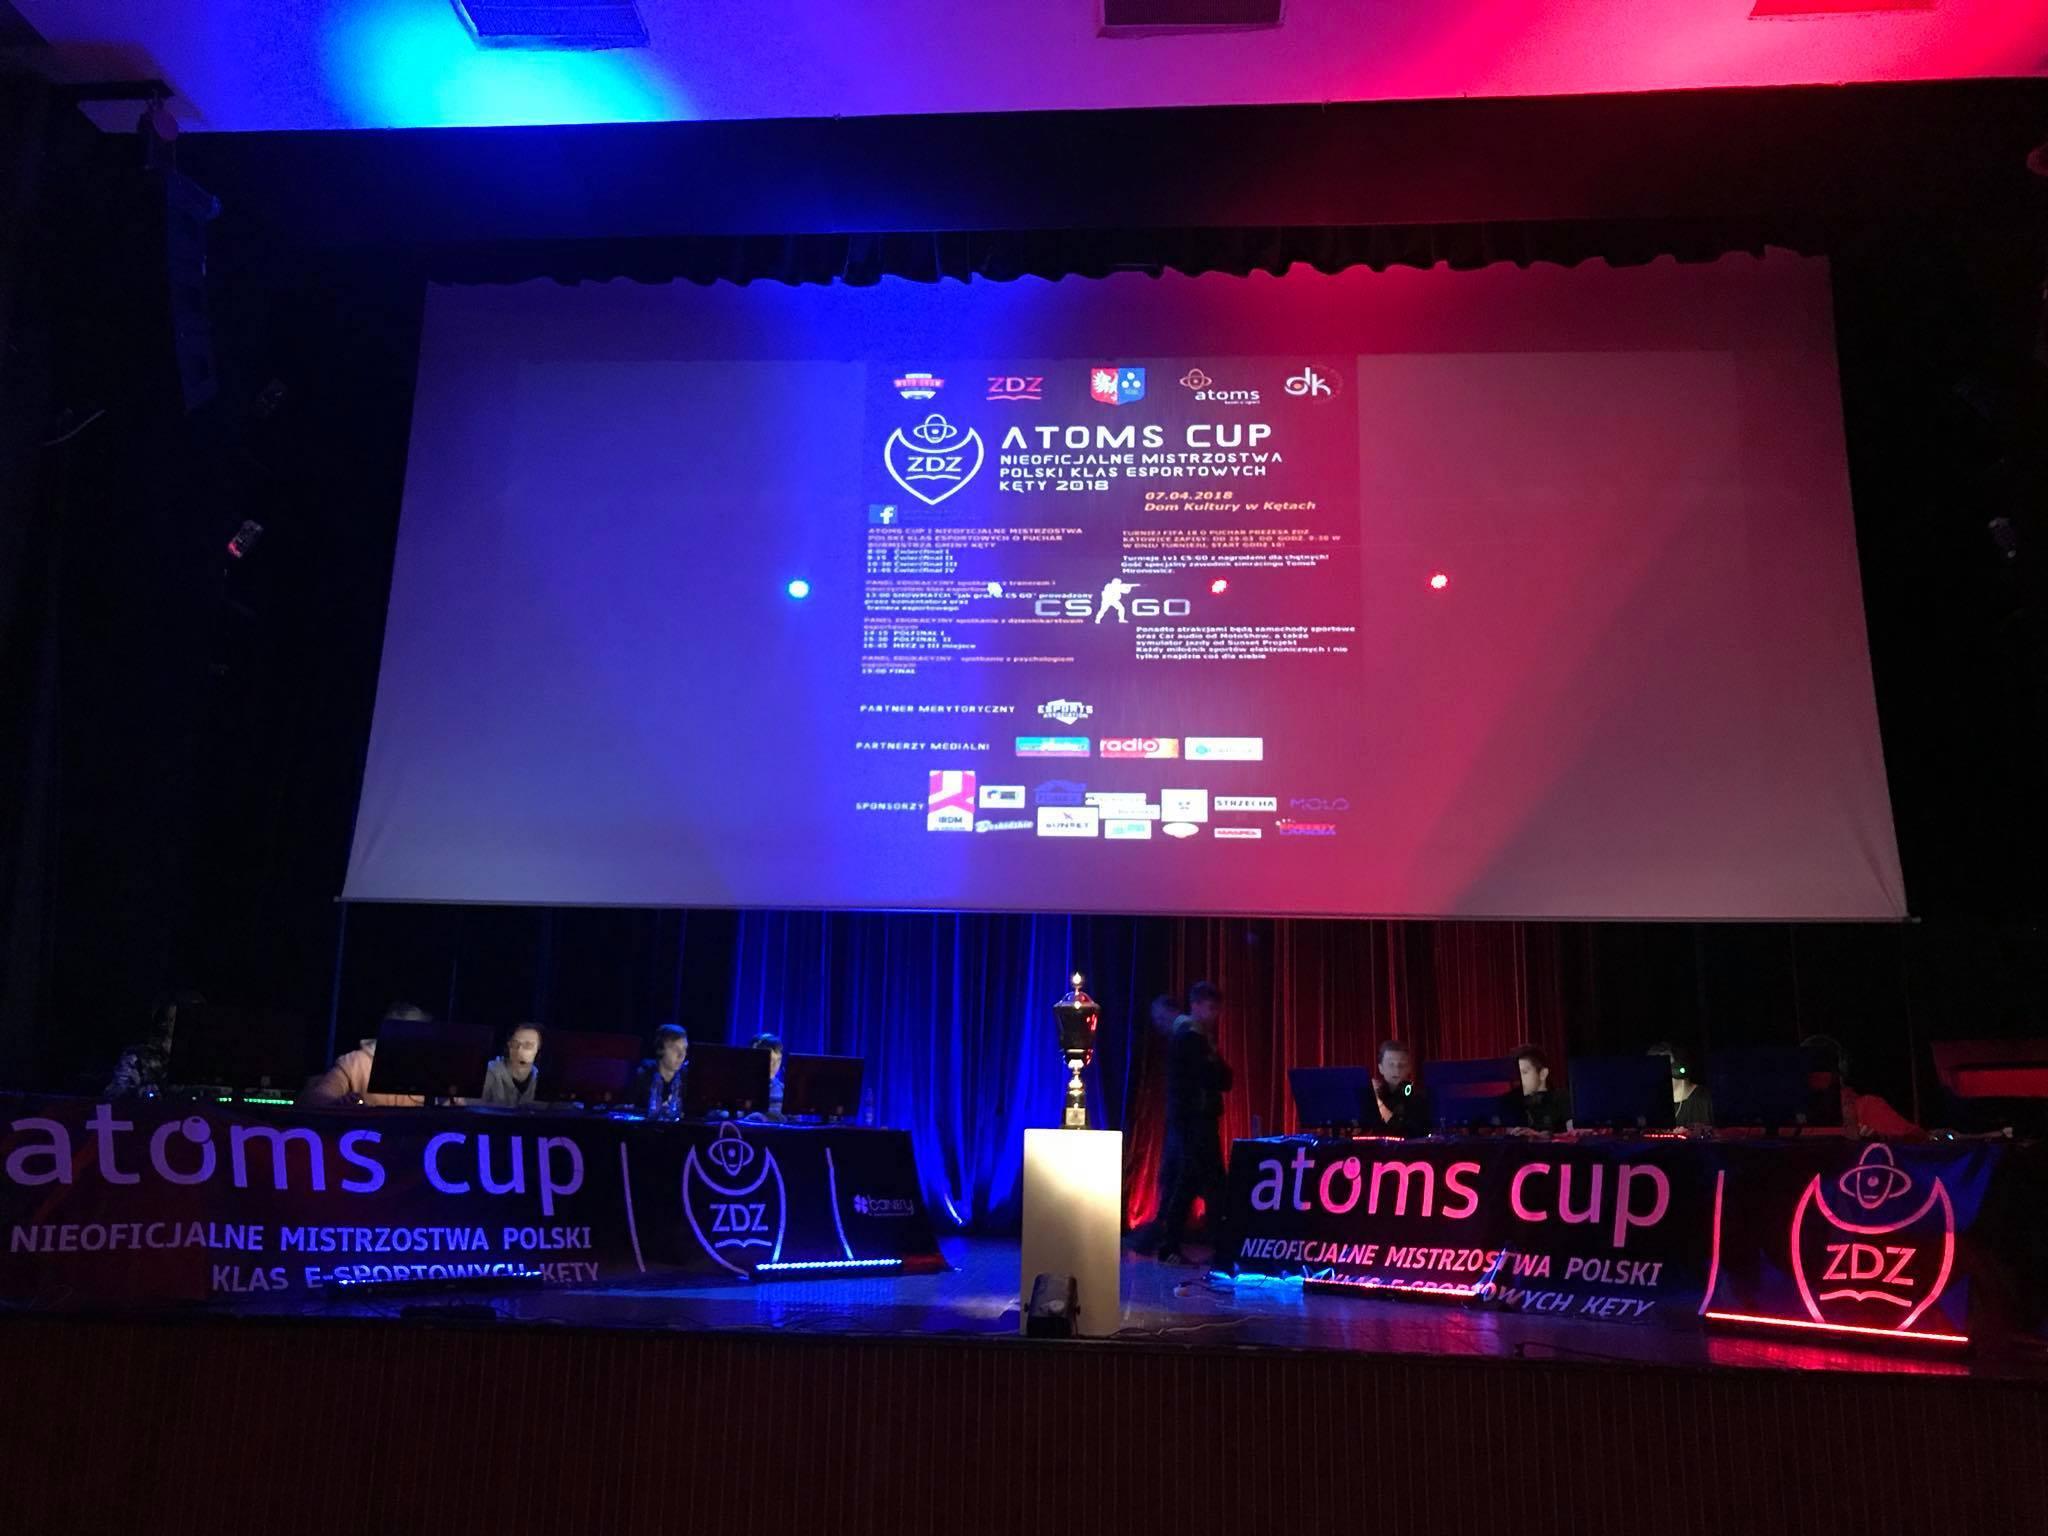 atoms cup